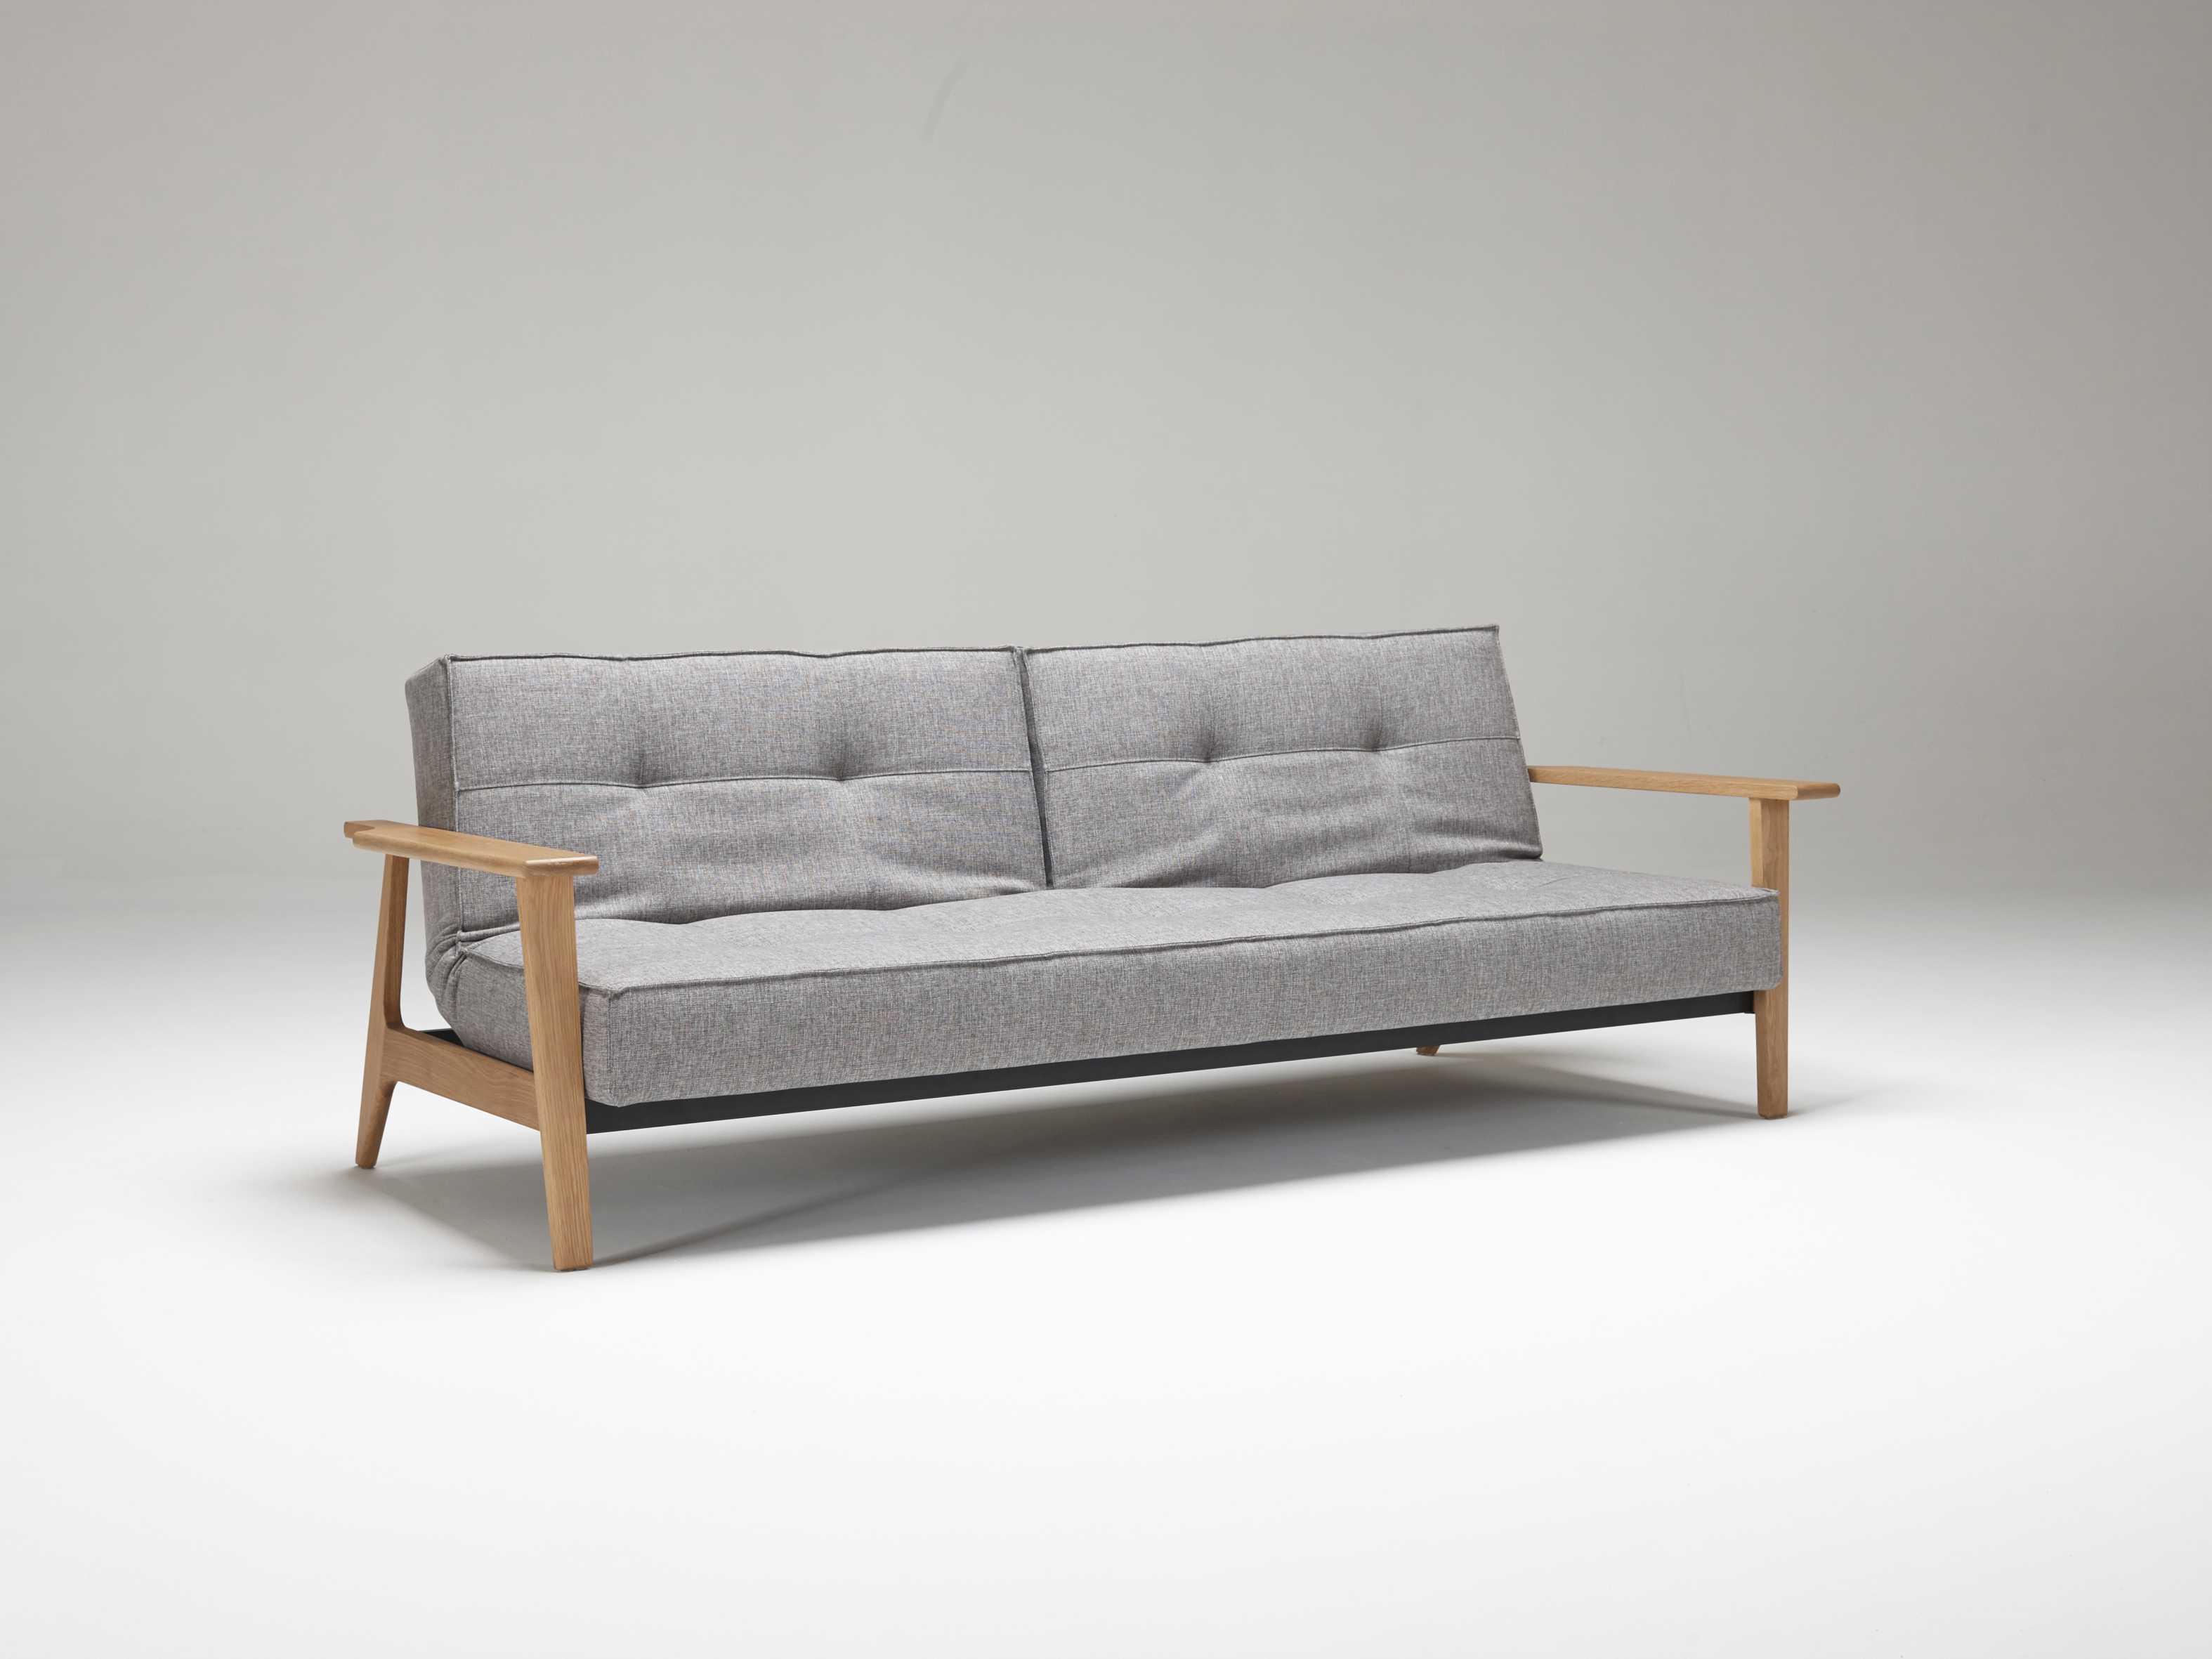 innovation splitback frej lacquered oak leg sofa bed iv9474101002752. Black Bedroom Furniture Sets. Home Design Ideas